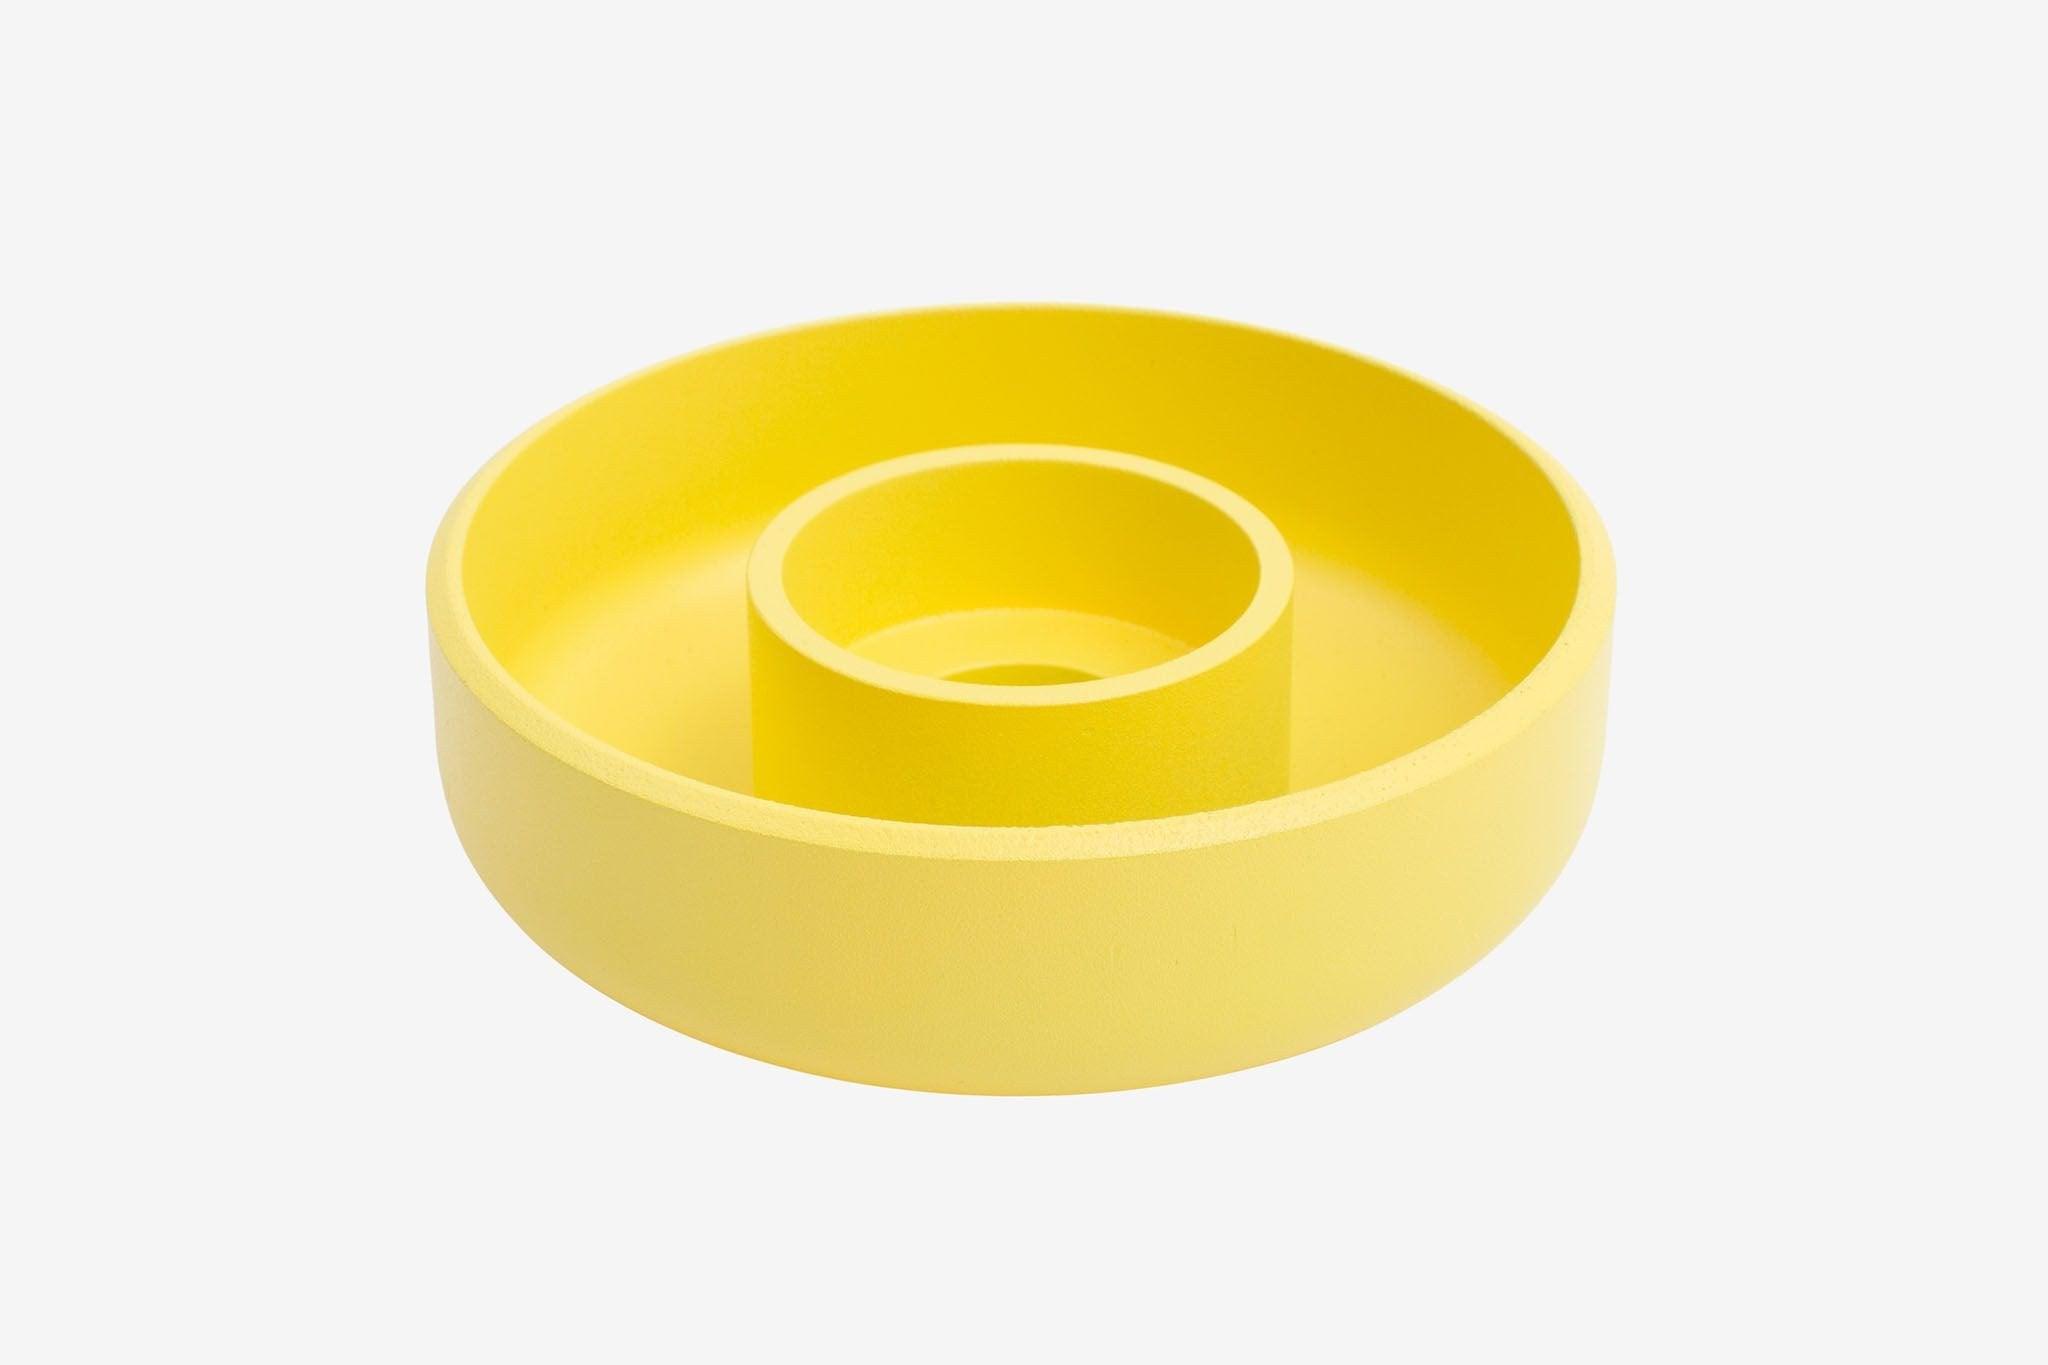 14 – hem yellow candle stick